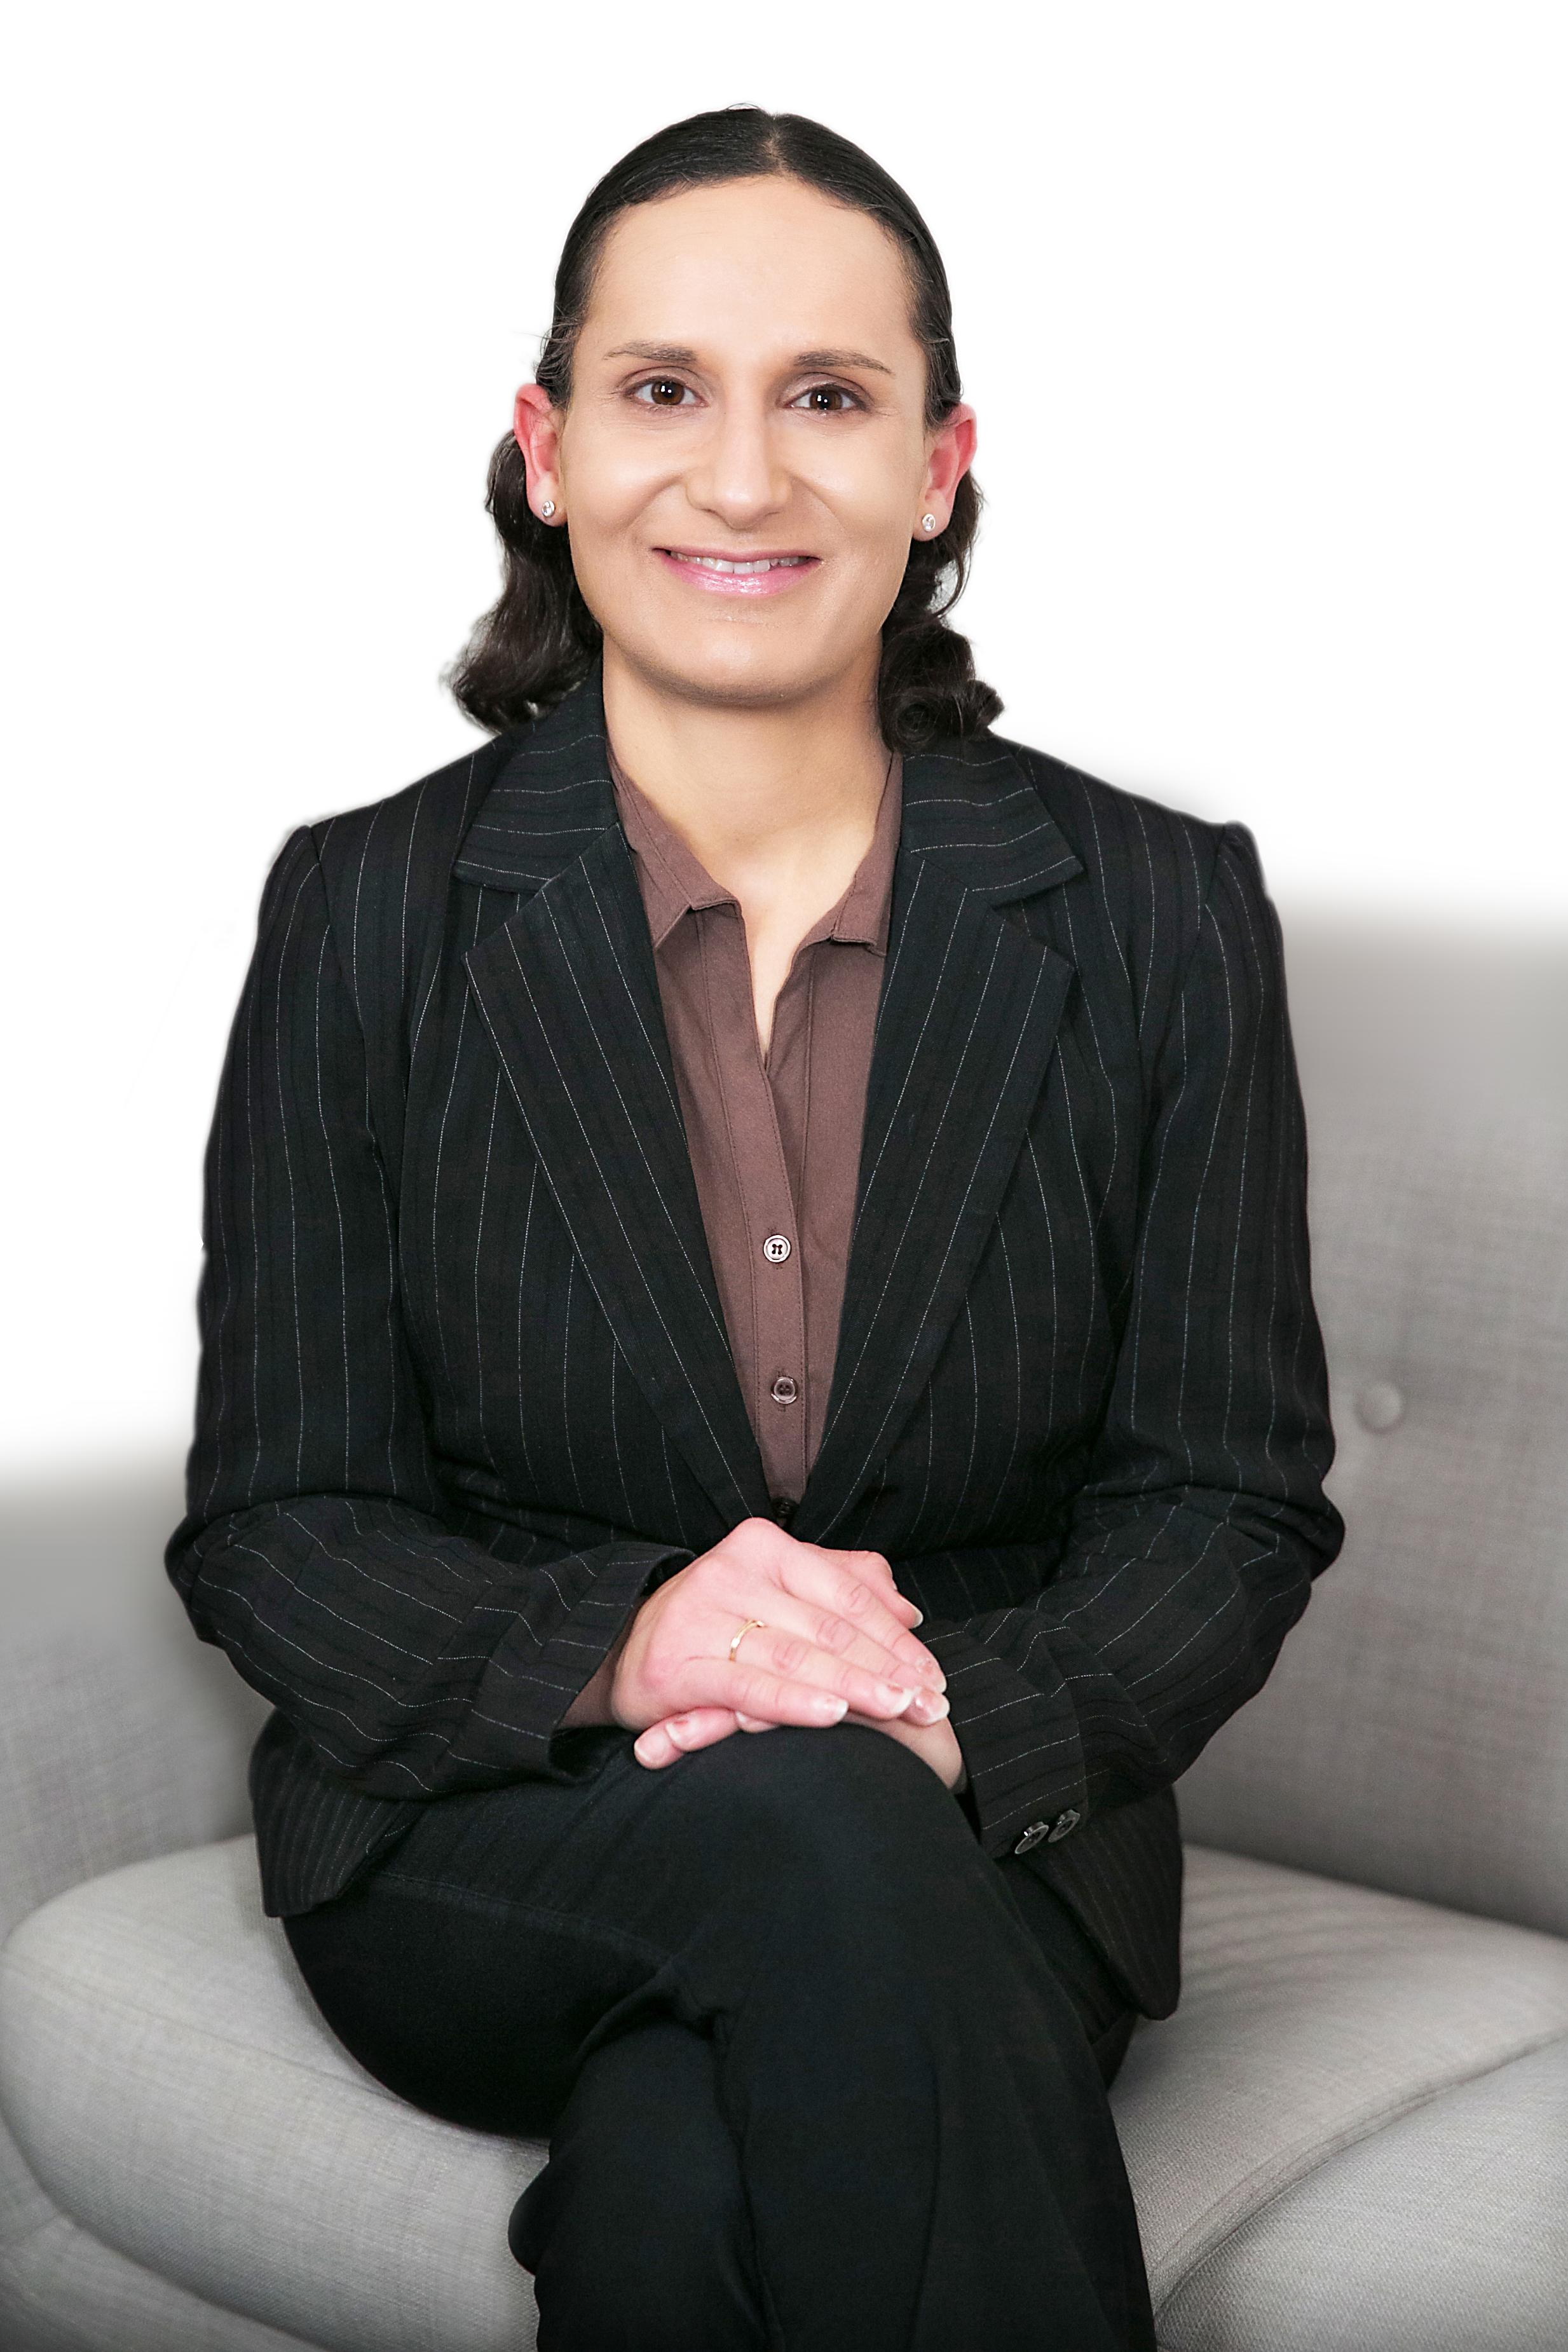 Kelly Camilleri